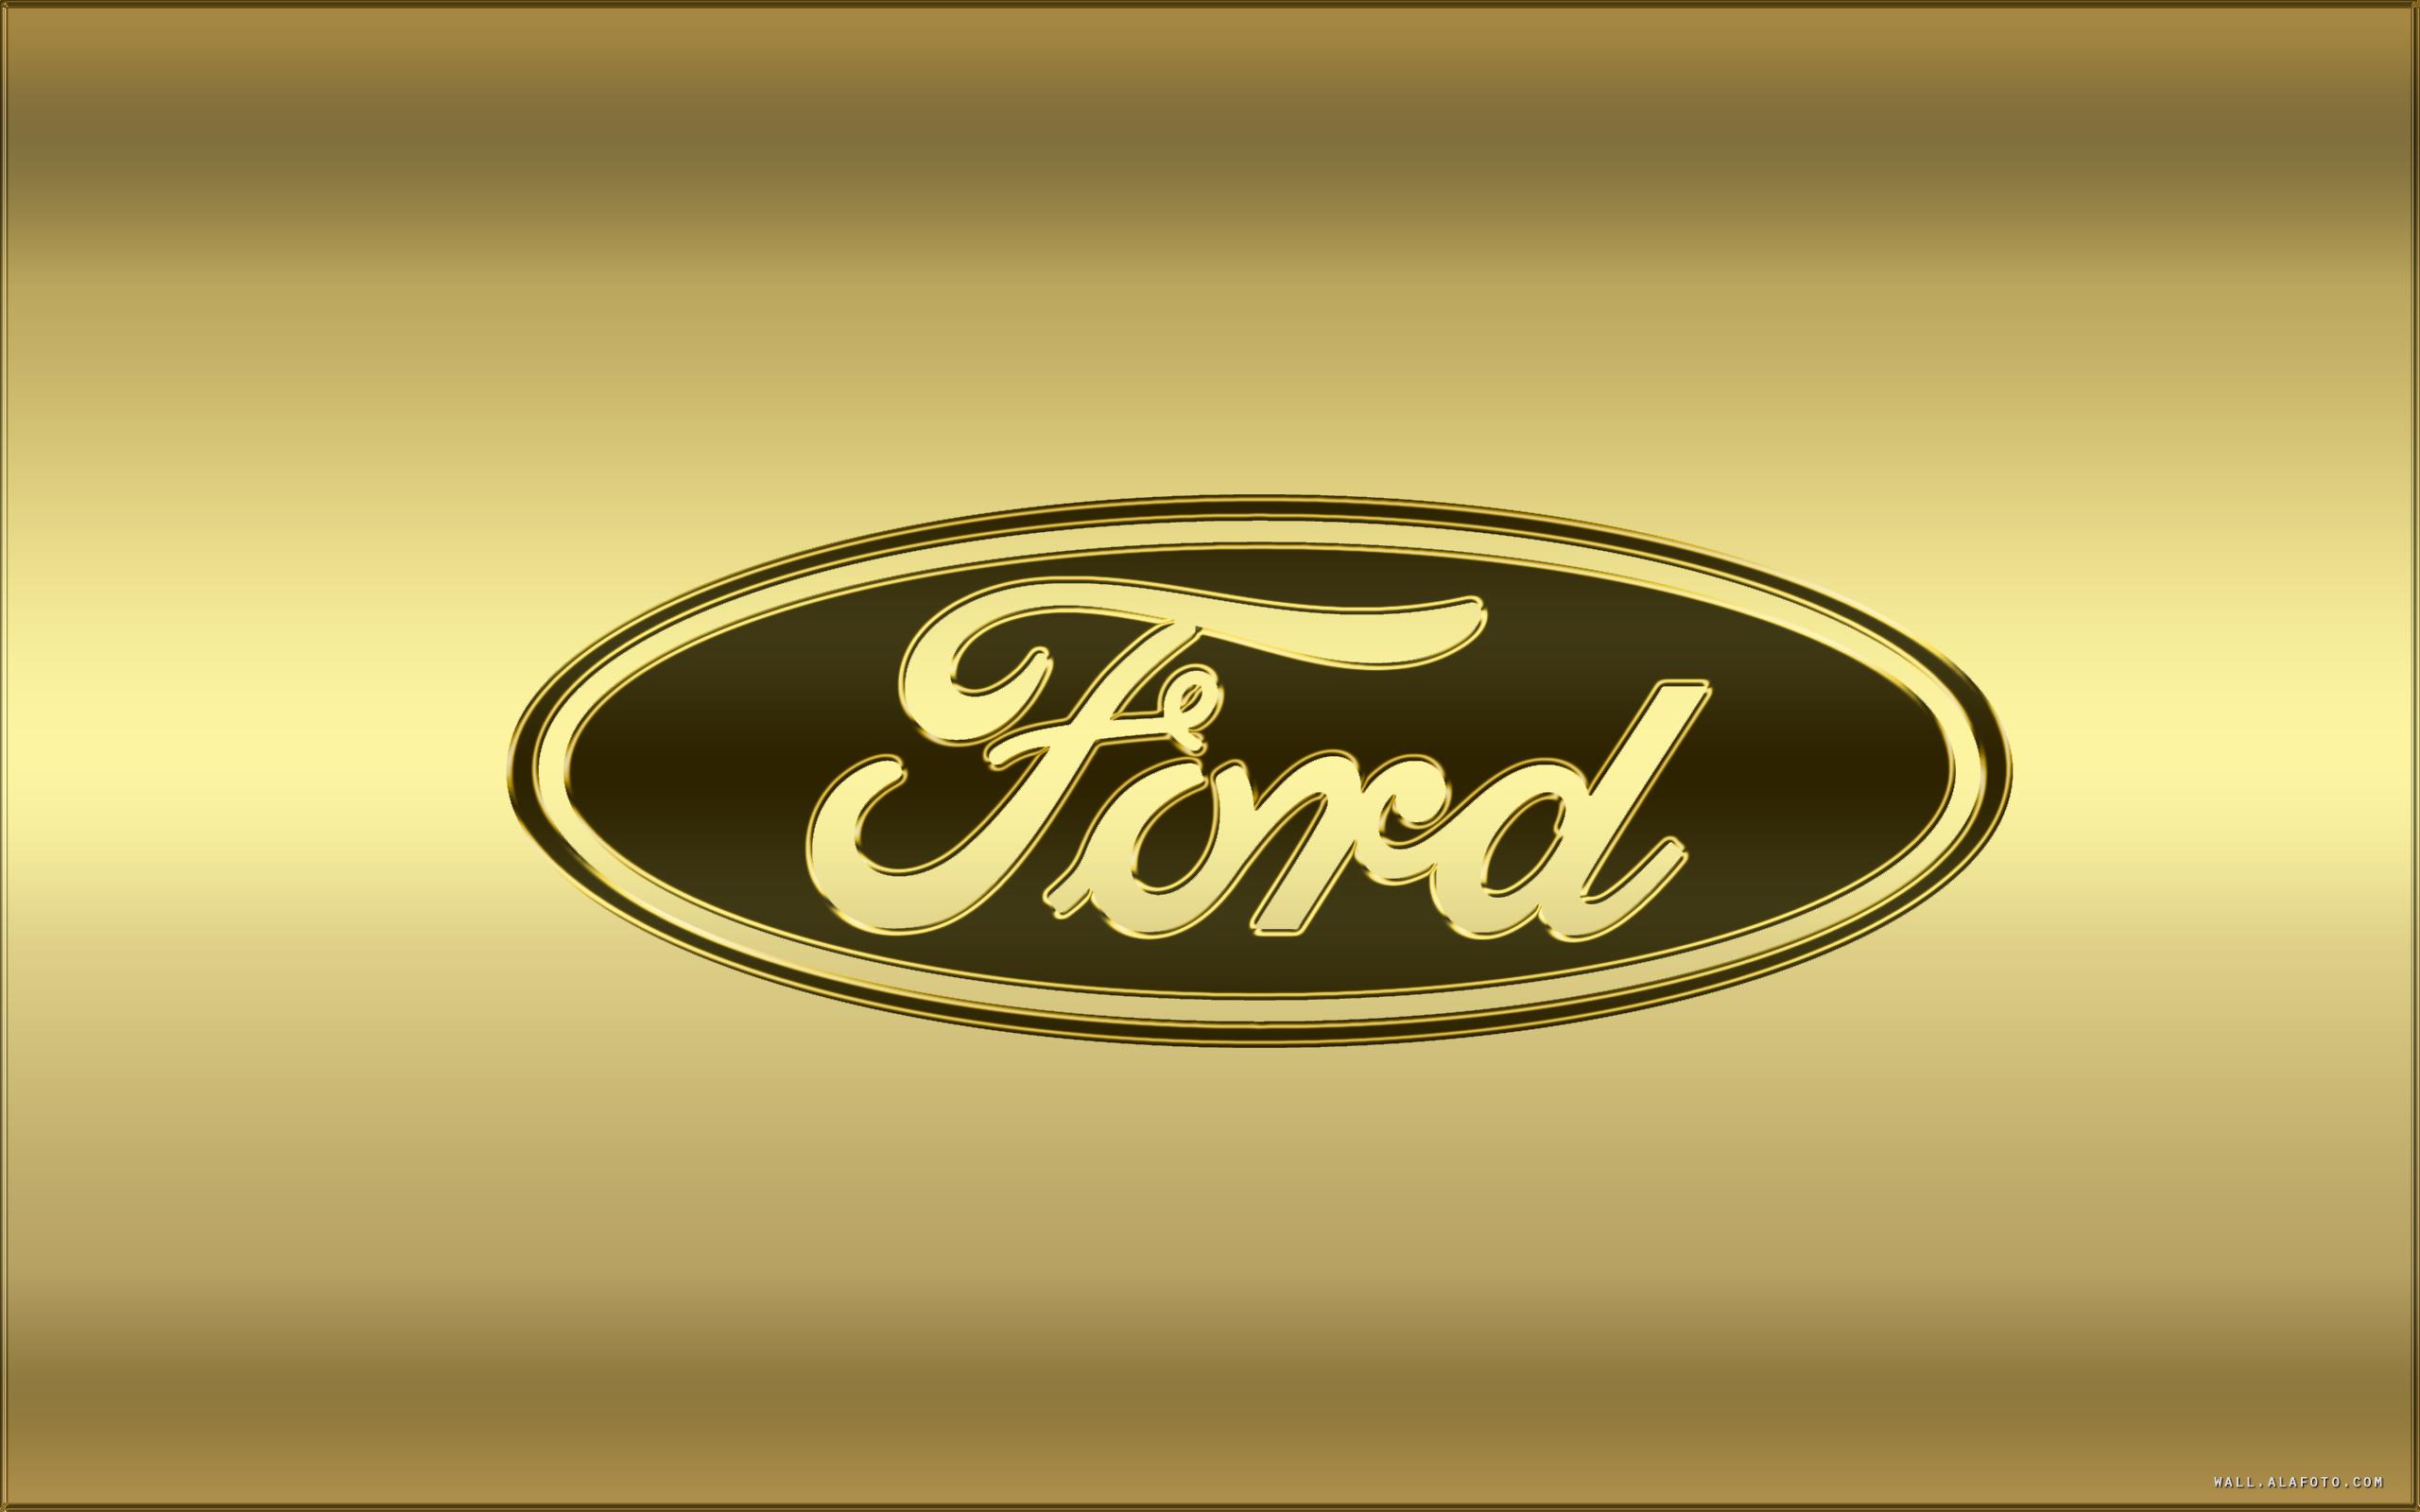 Ford Emblem Wallpaper 2560x1600